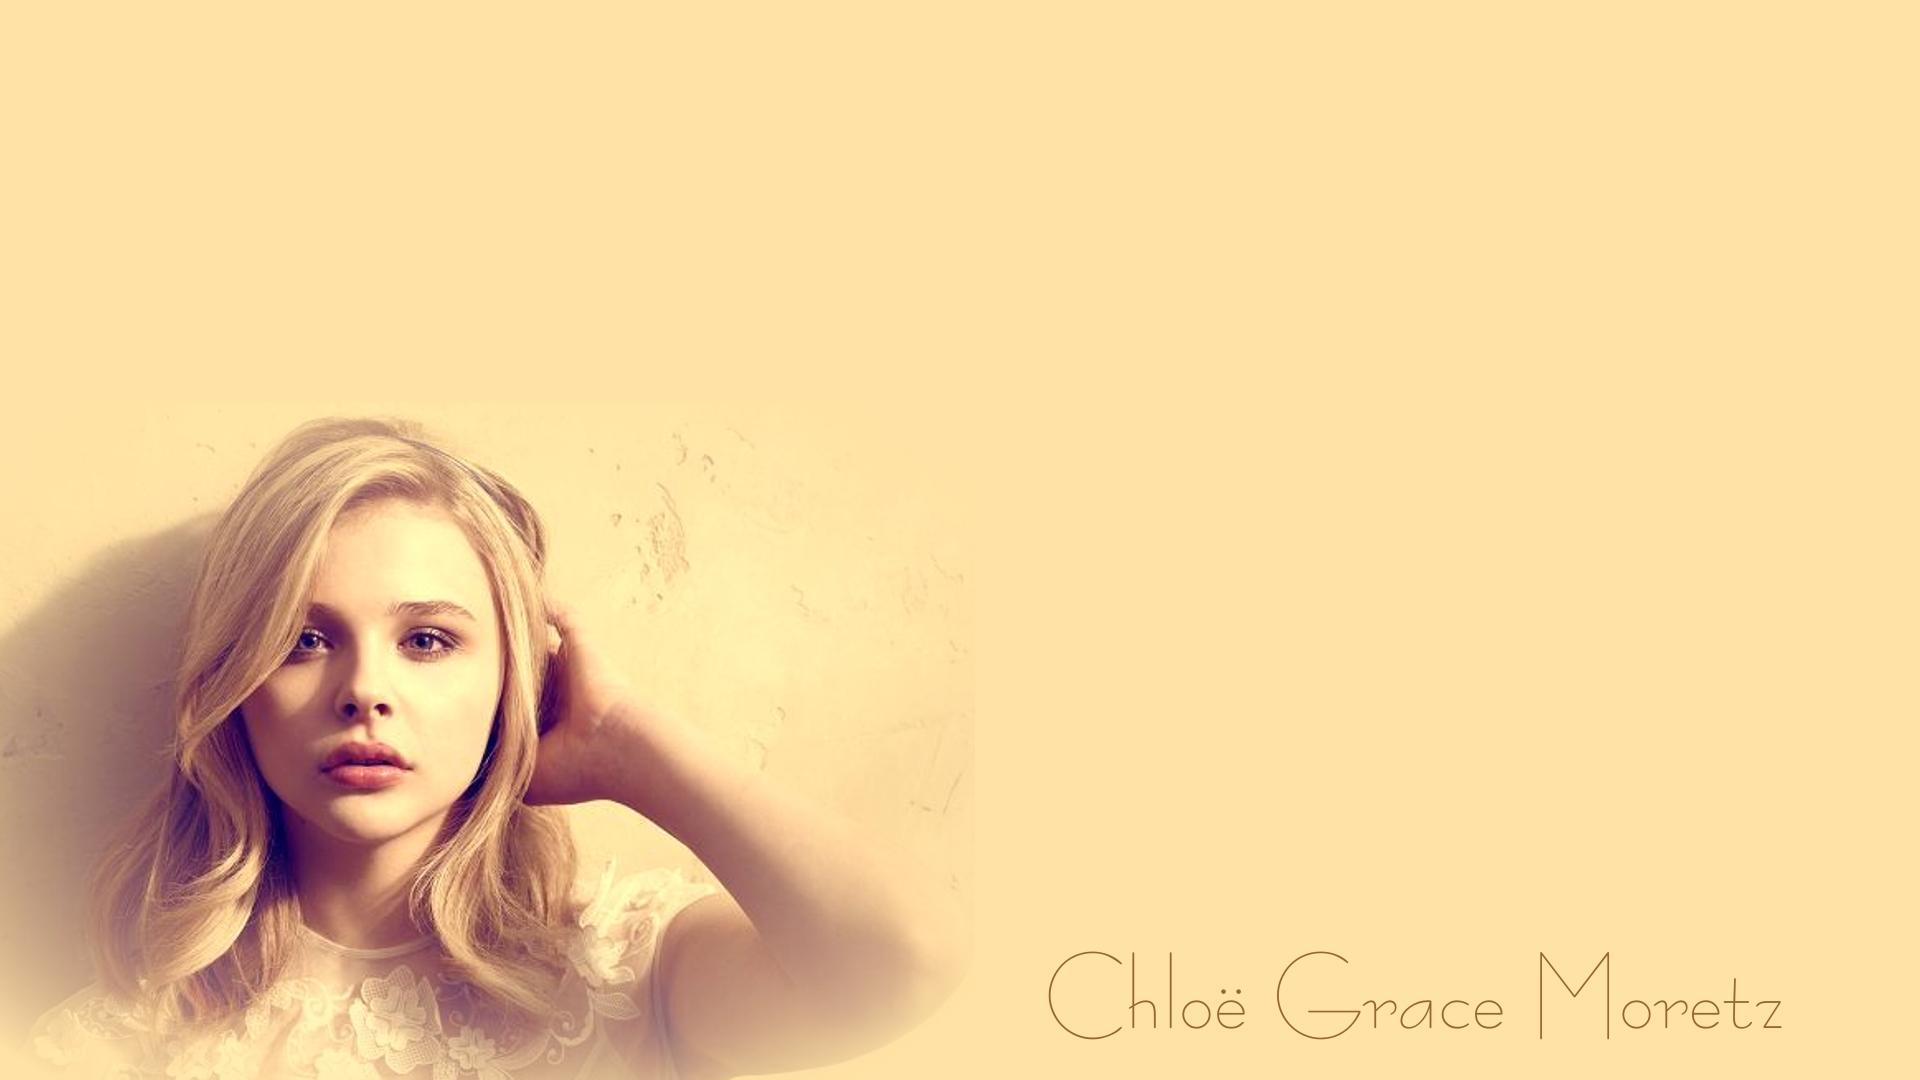 Fall Hd Wallpaper For Mac Chloe Grace Moretz Backgrounds Free Download Pixelstalk Net